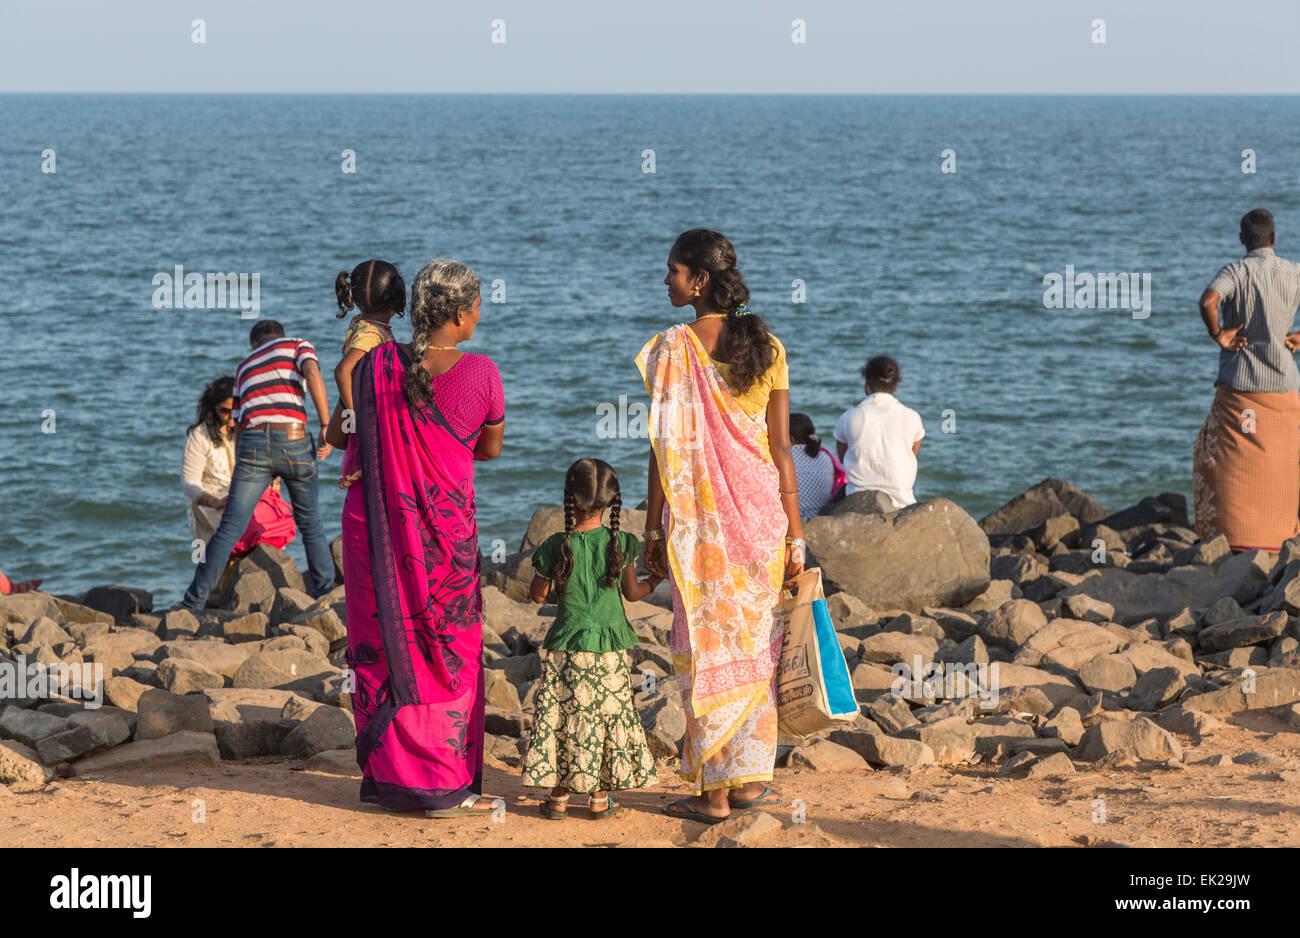 Famille d'Indiens locaux sur la plage à Pondichéry, ou Puducherry, Tamil Nadu, Inde du sud Banque D'Images